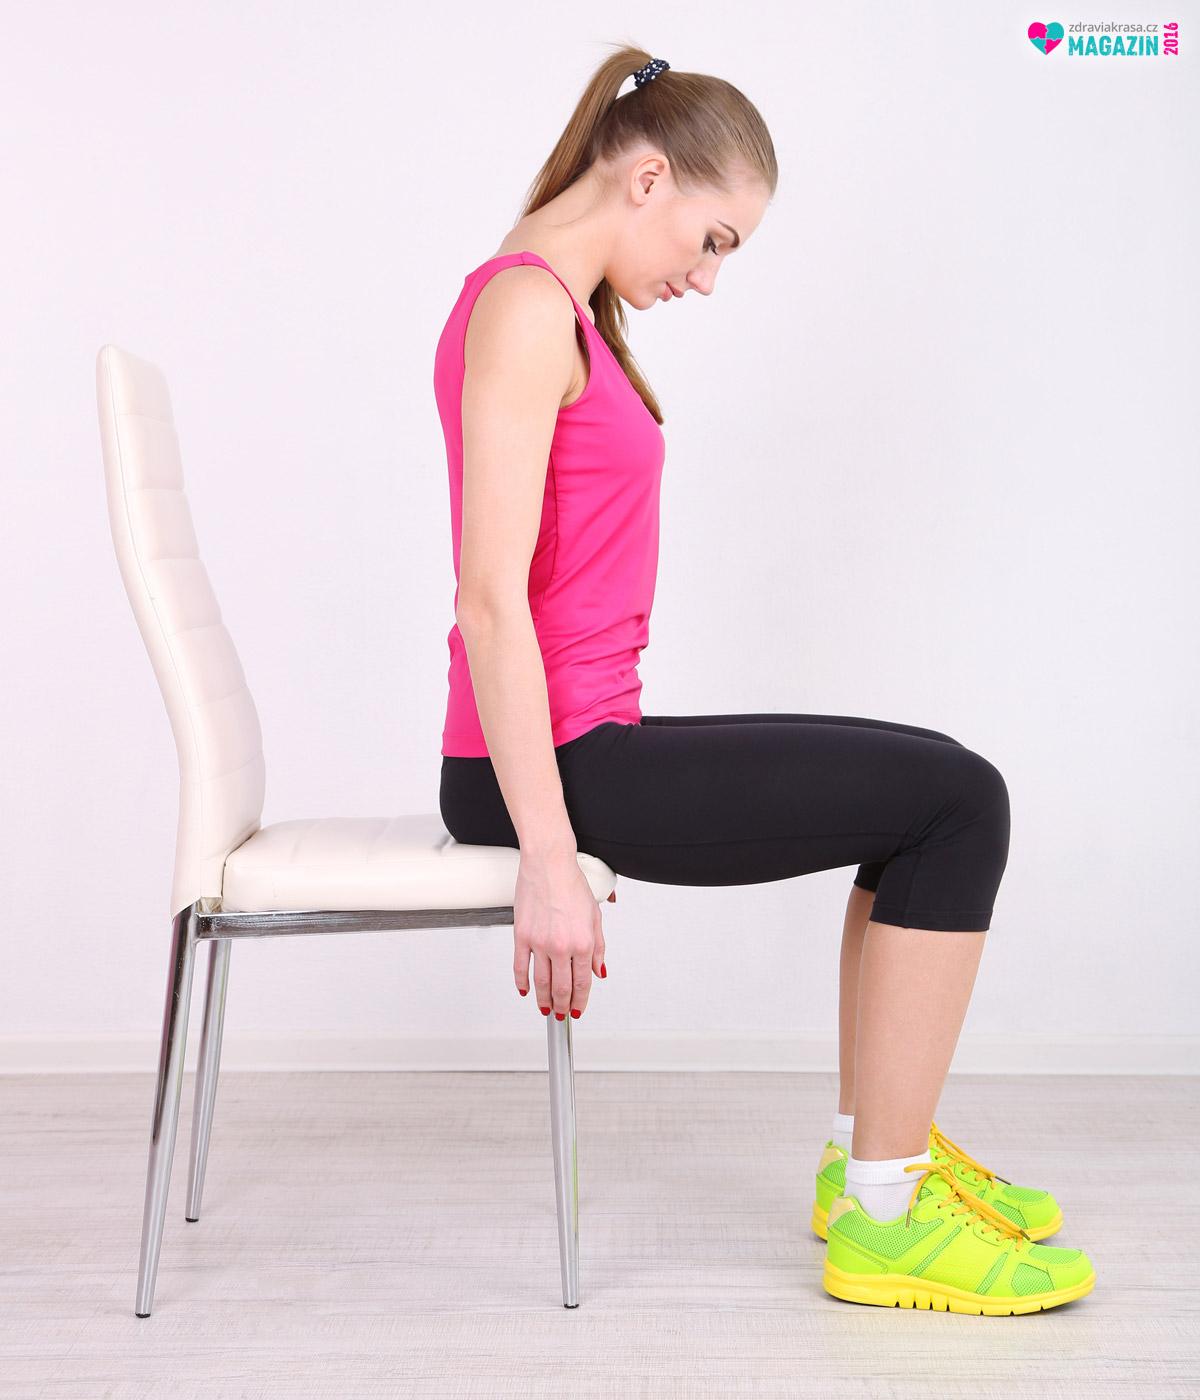 U cvičení podle Ludmily Mojžíšové se cvičí poměrně jednoduché cviky. Jejich efekt při pravidelném cvičení je však ohromující.